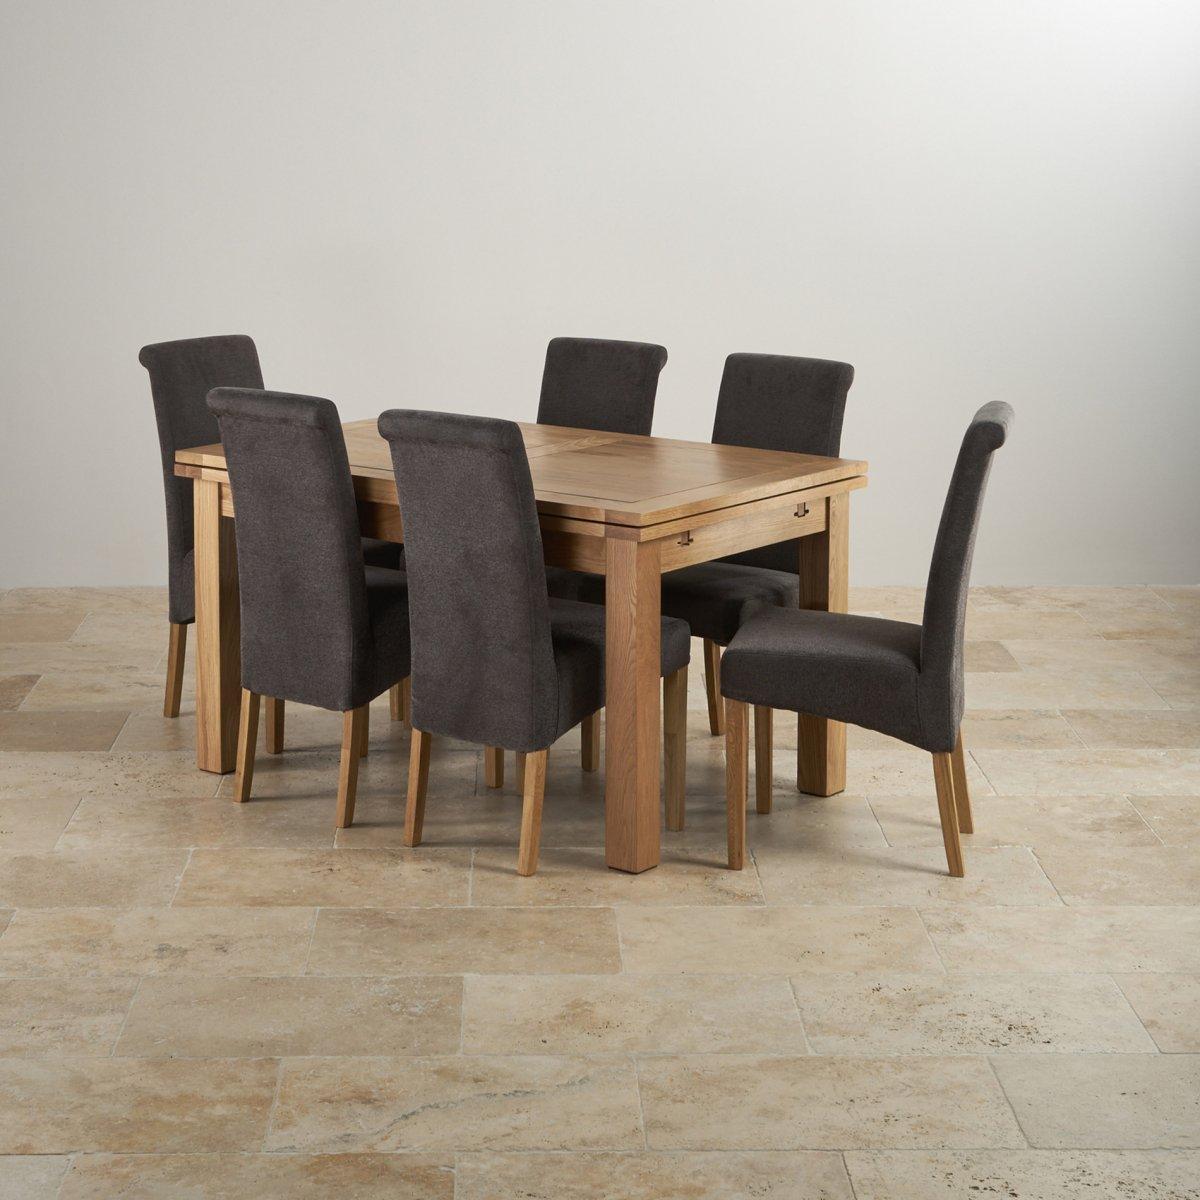 Dorset Extending Dining Table in Oak